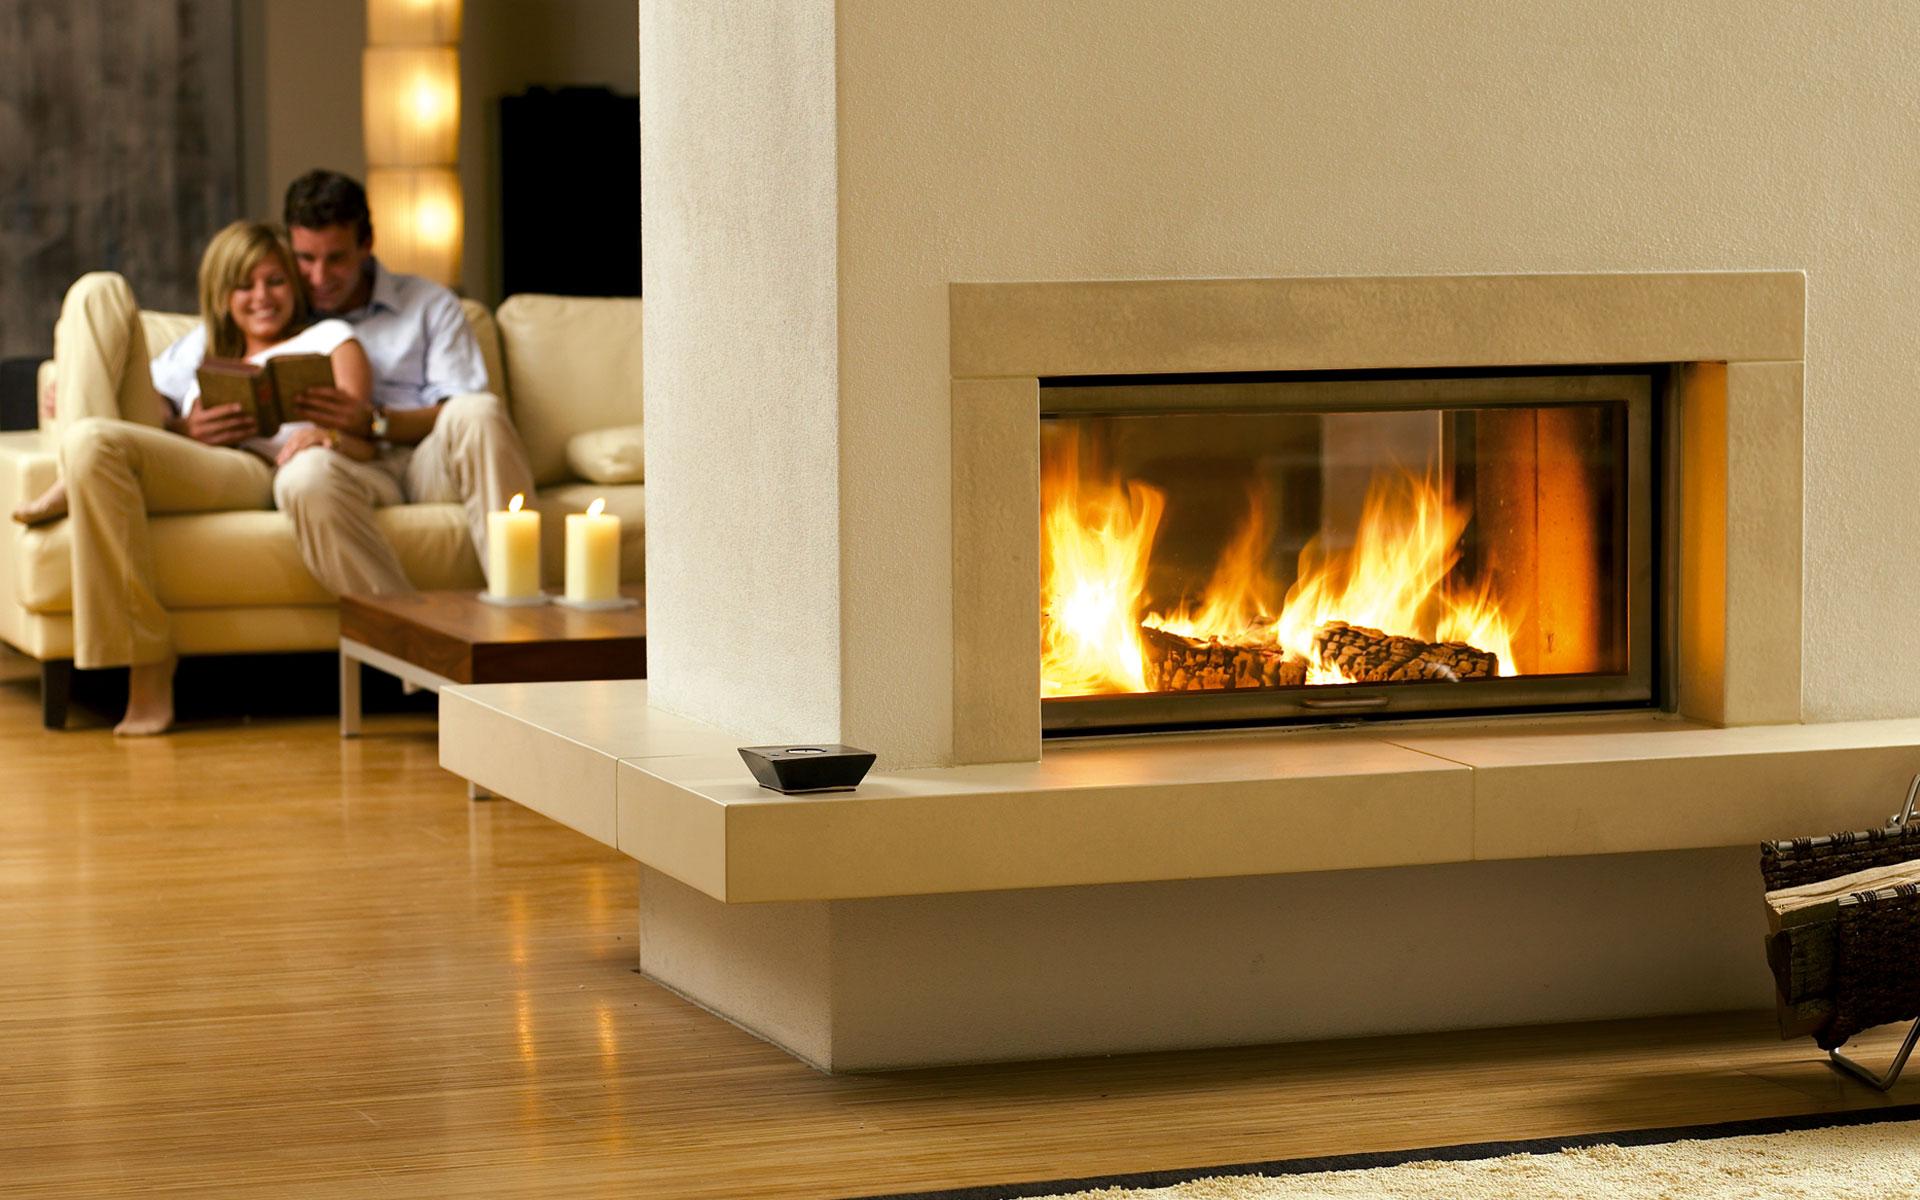 Hervorragend Design und Komfort im Wohnzimmer mit dem perfekten Kachelofen BD71